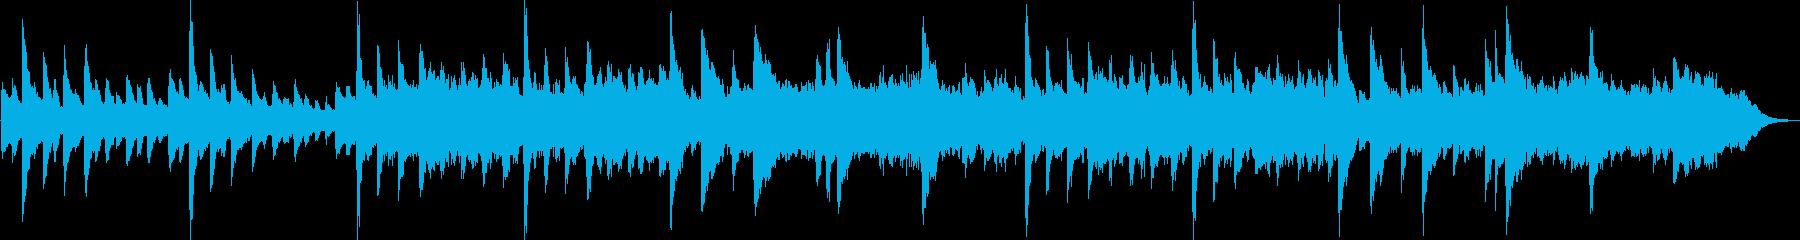 少し元気な静か目のソロ・ピアノ曲の再生済みの波形